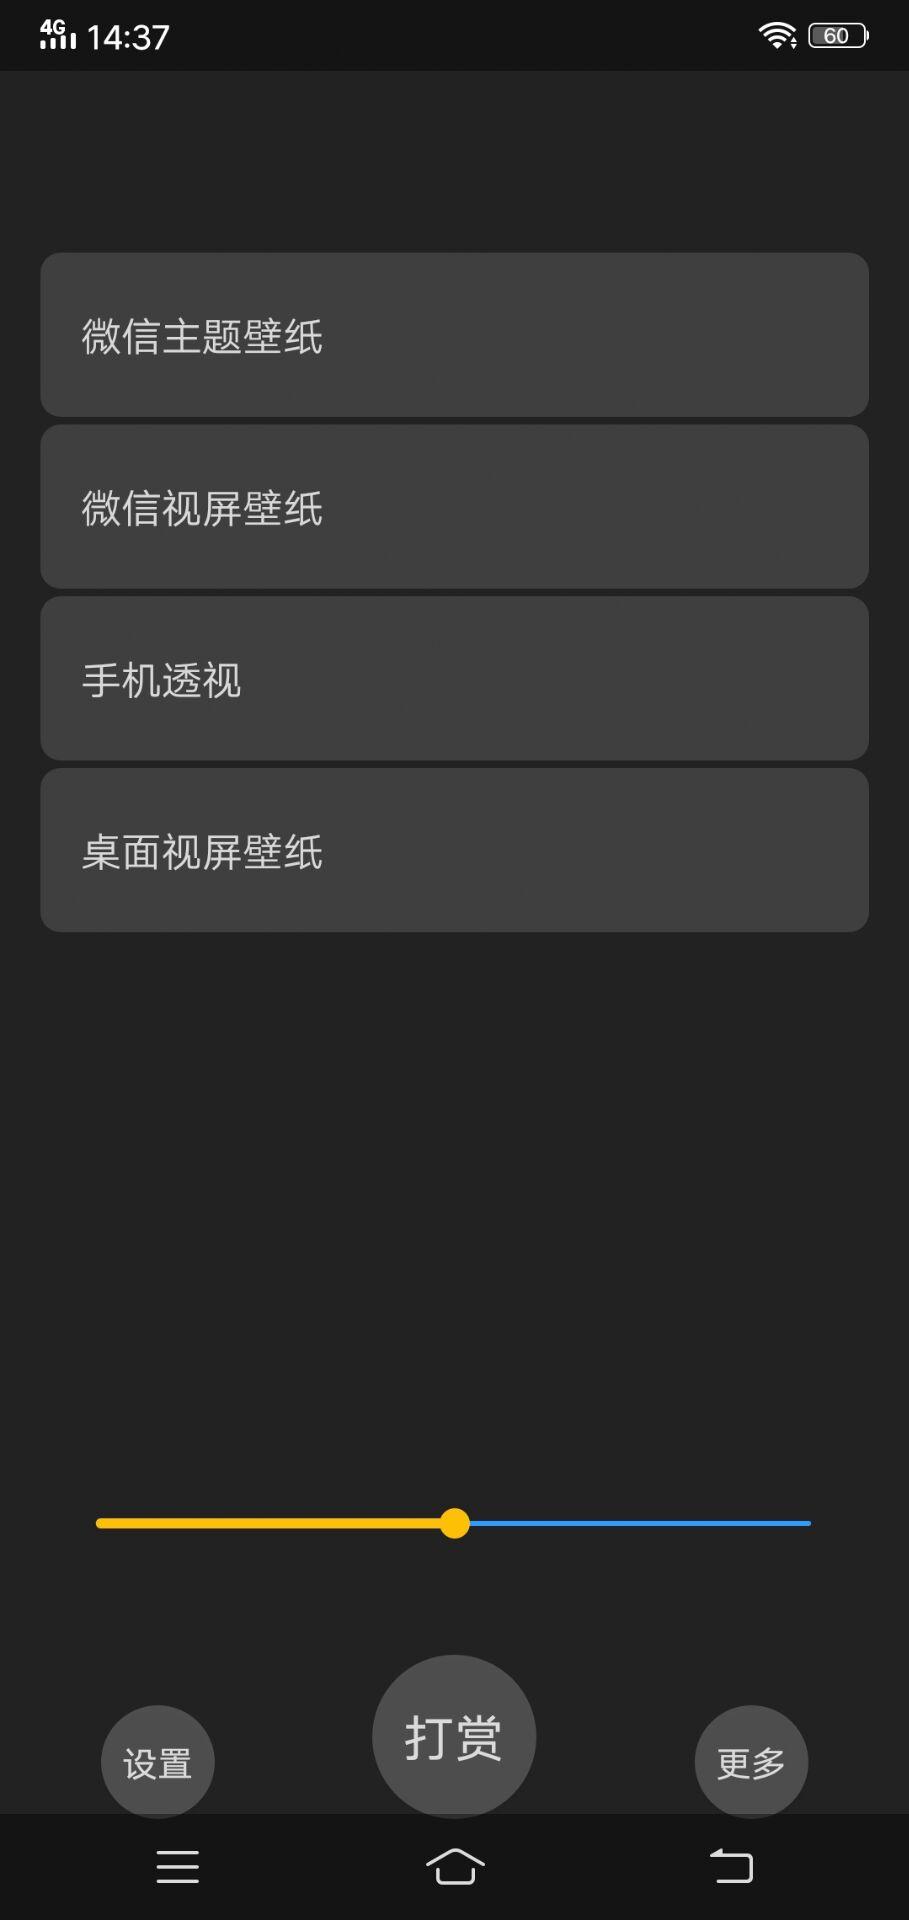 【资源分享】微信透明壁纸-爱小助